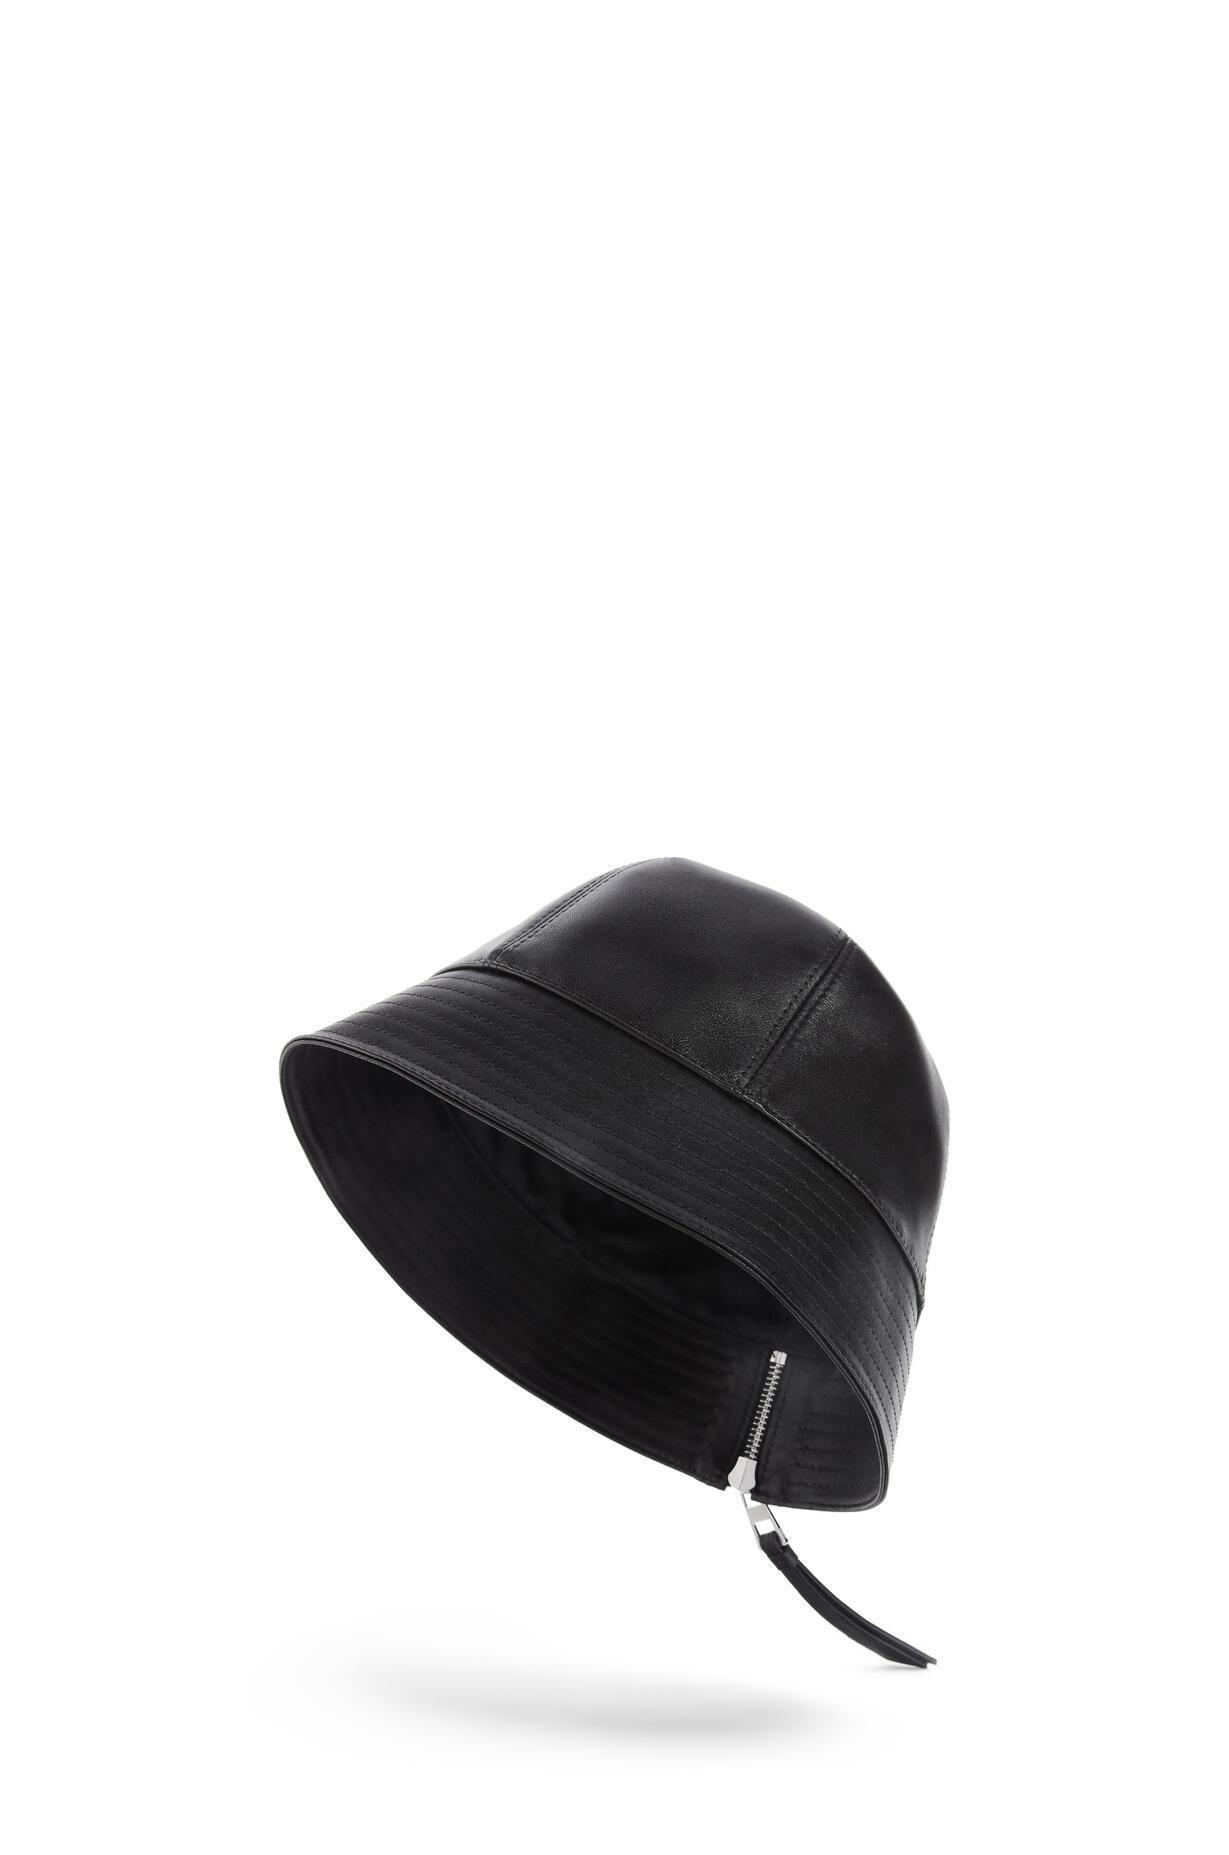 LOEWE LOEWE ☆Bucket hat in nappa calfskin ☆112.10.010